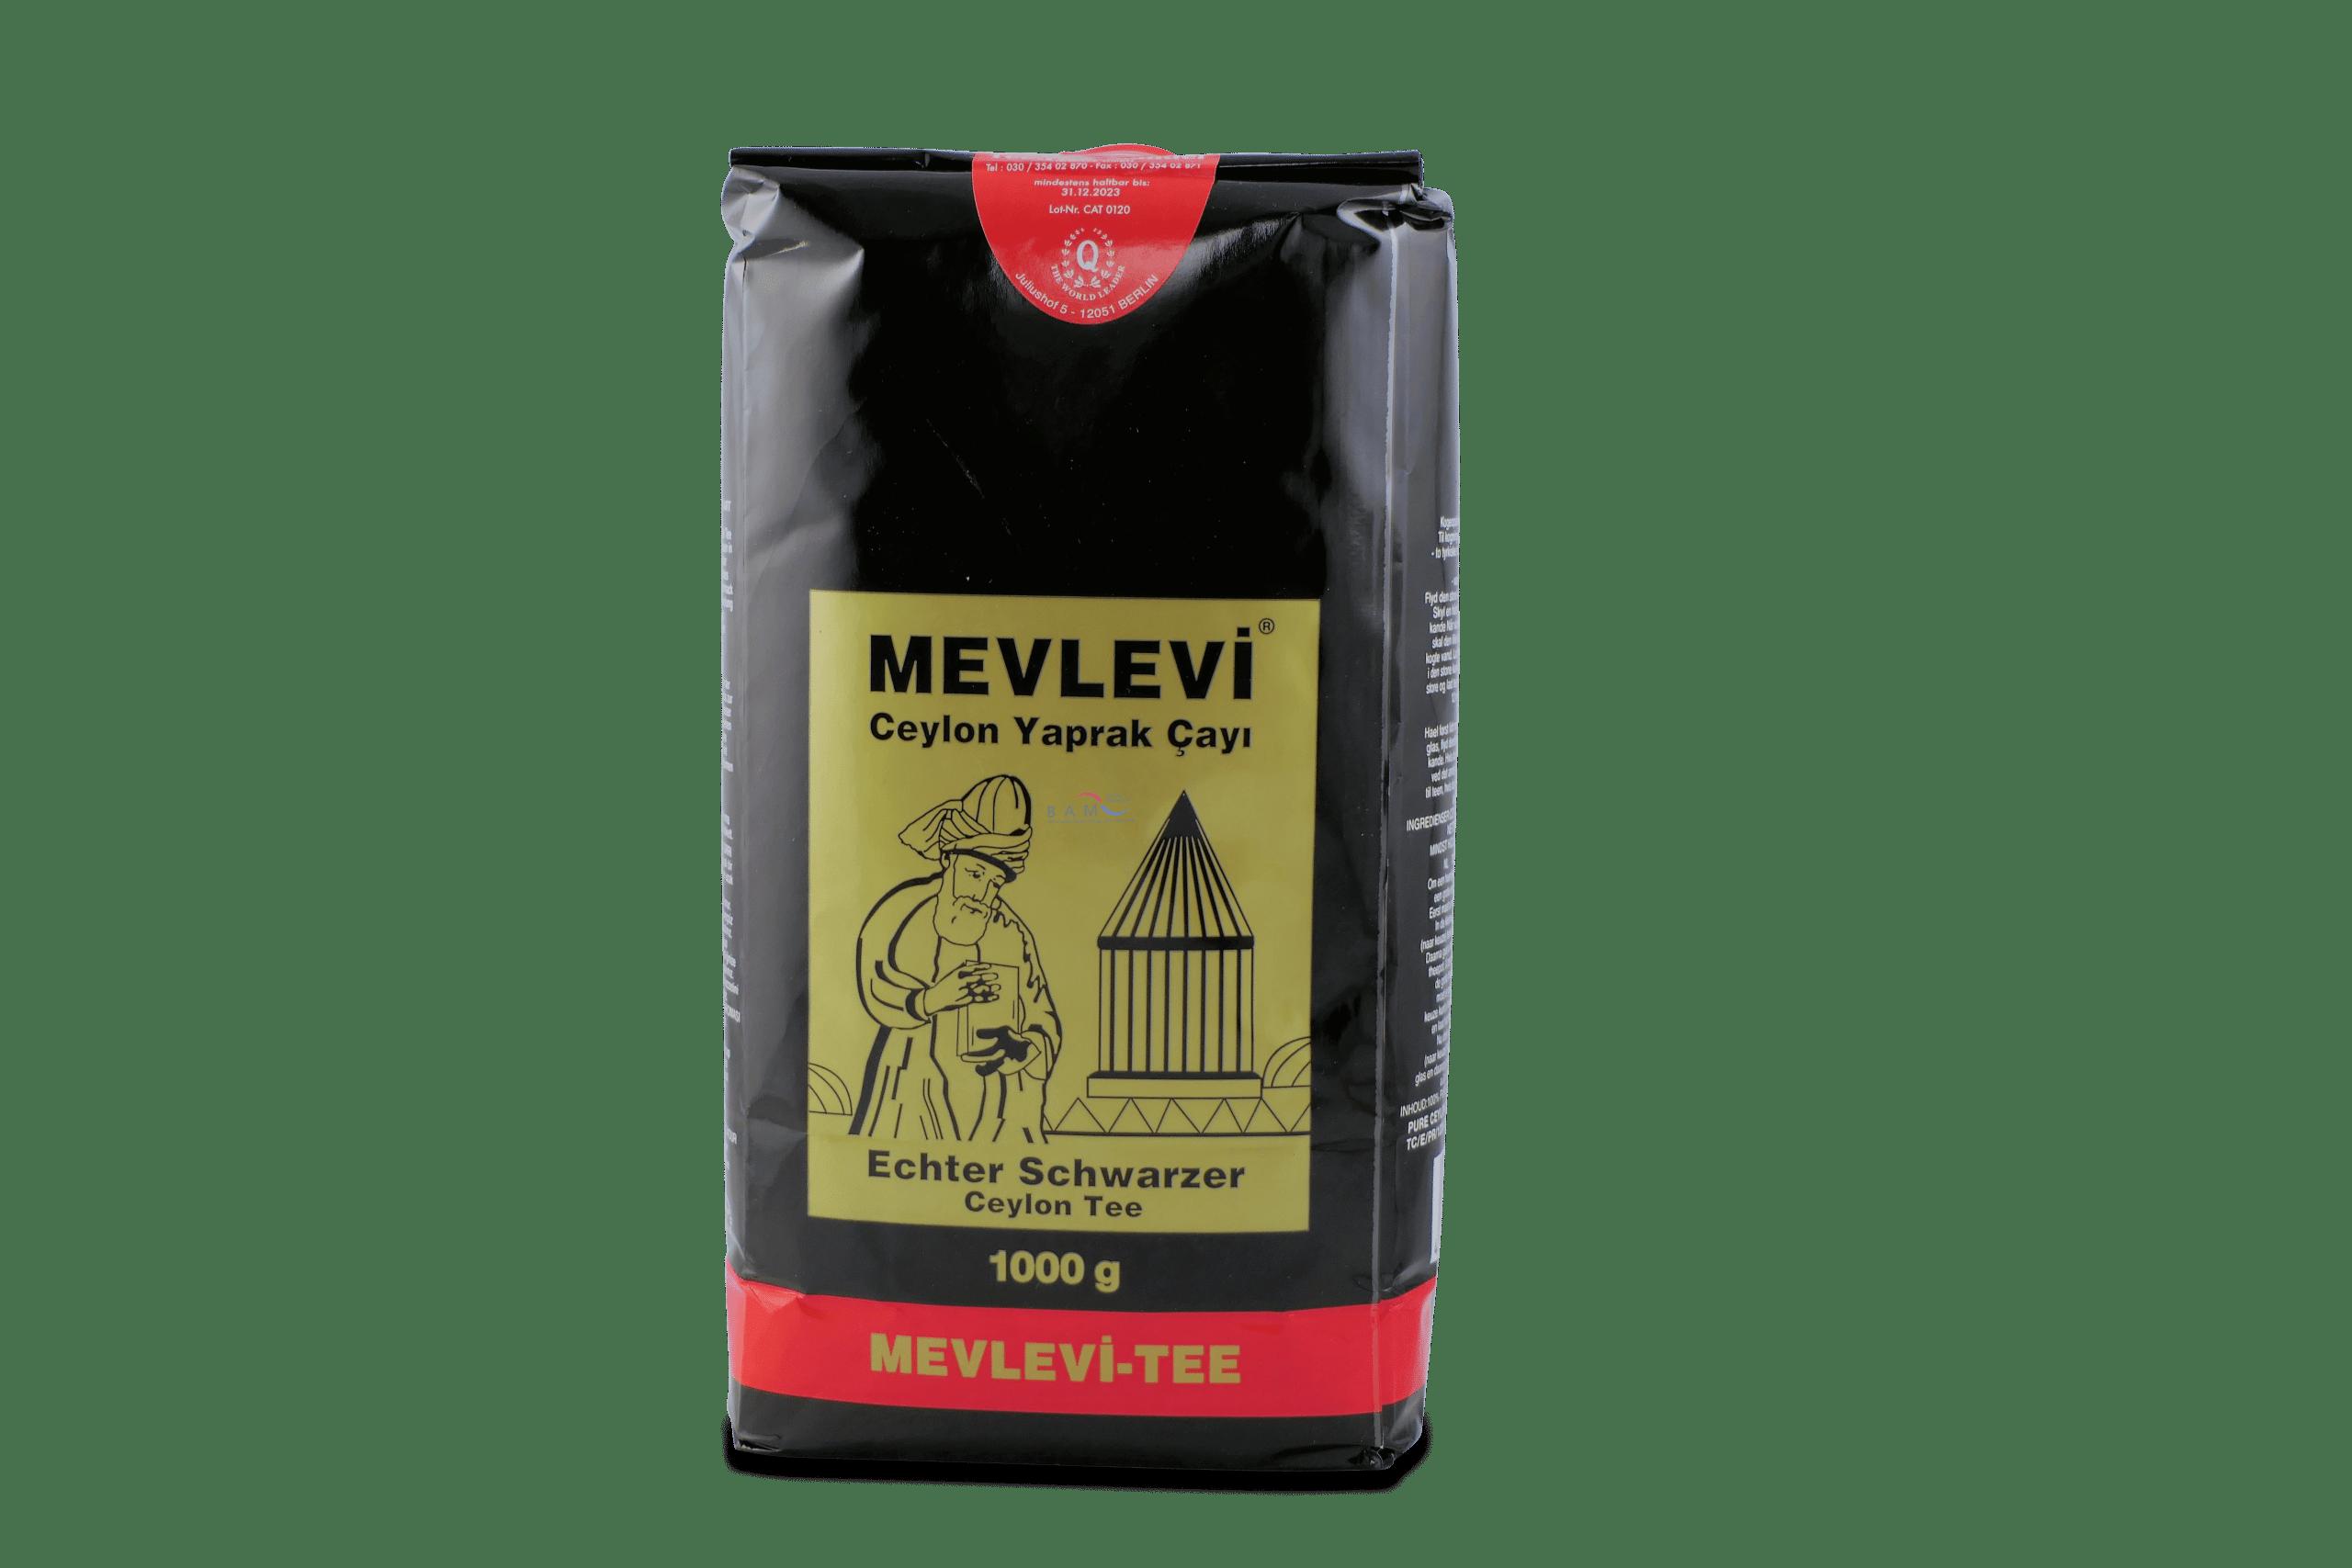 Mevlevi Ceylon Yaprak Çay? / Schwarzer Ceylon Tee 1000g